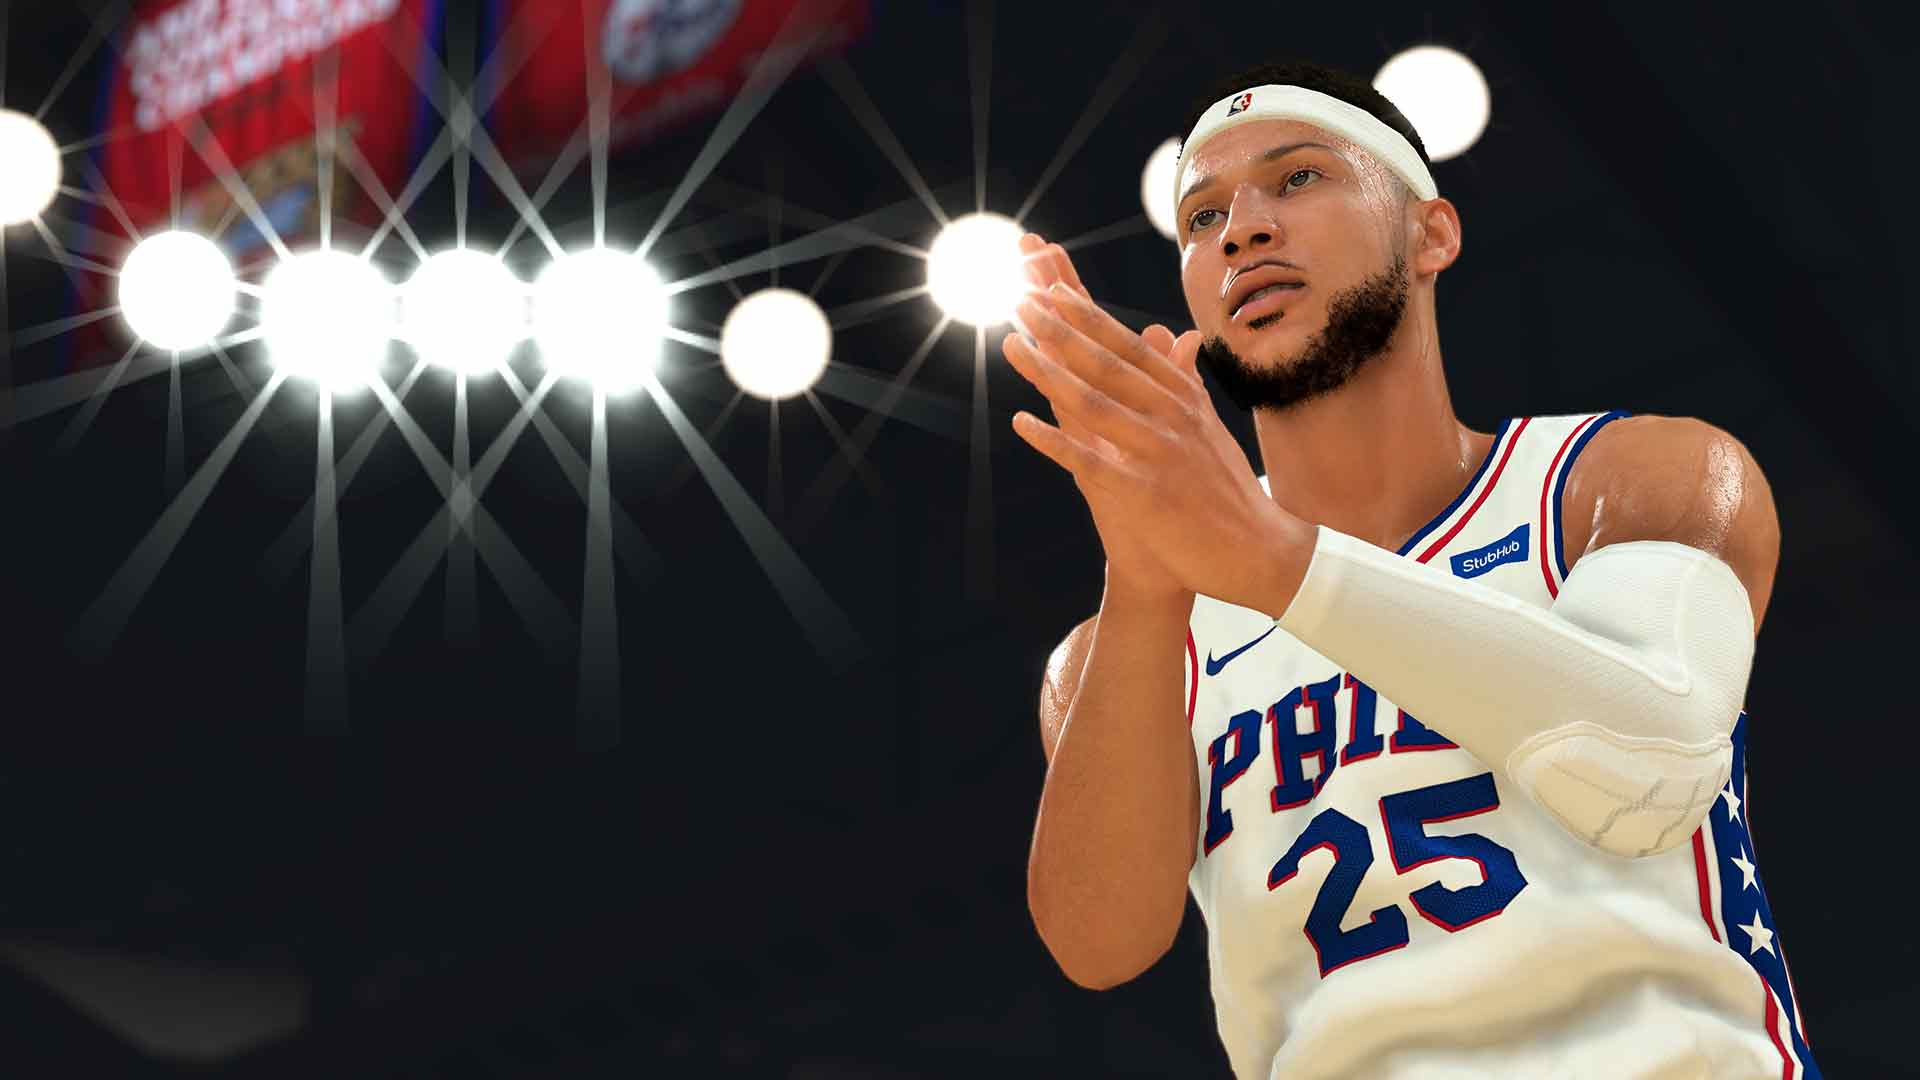 NBA 2K20 game image